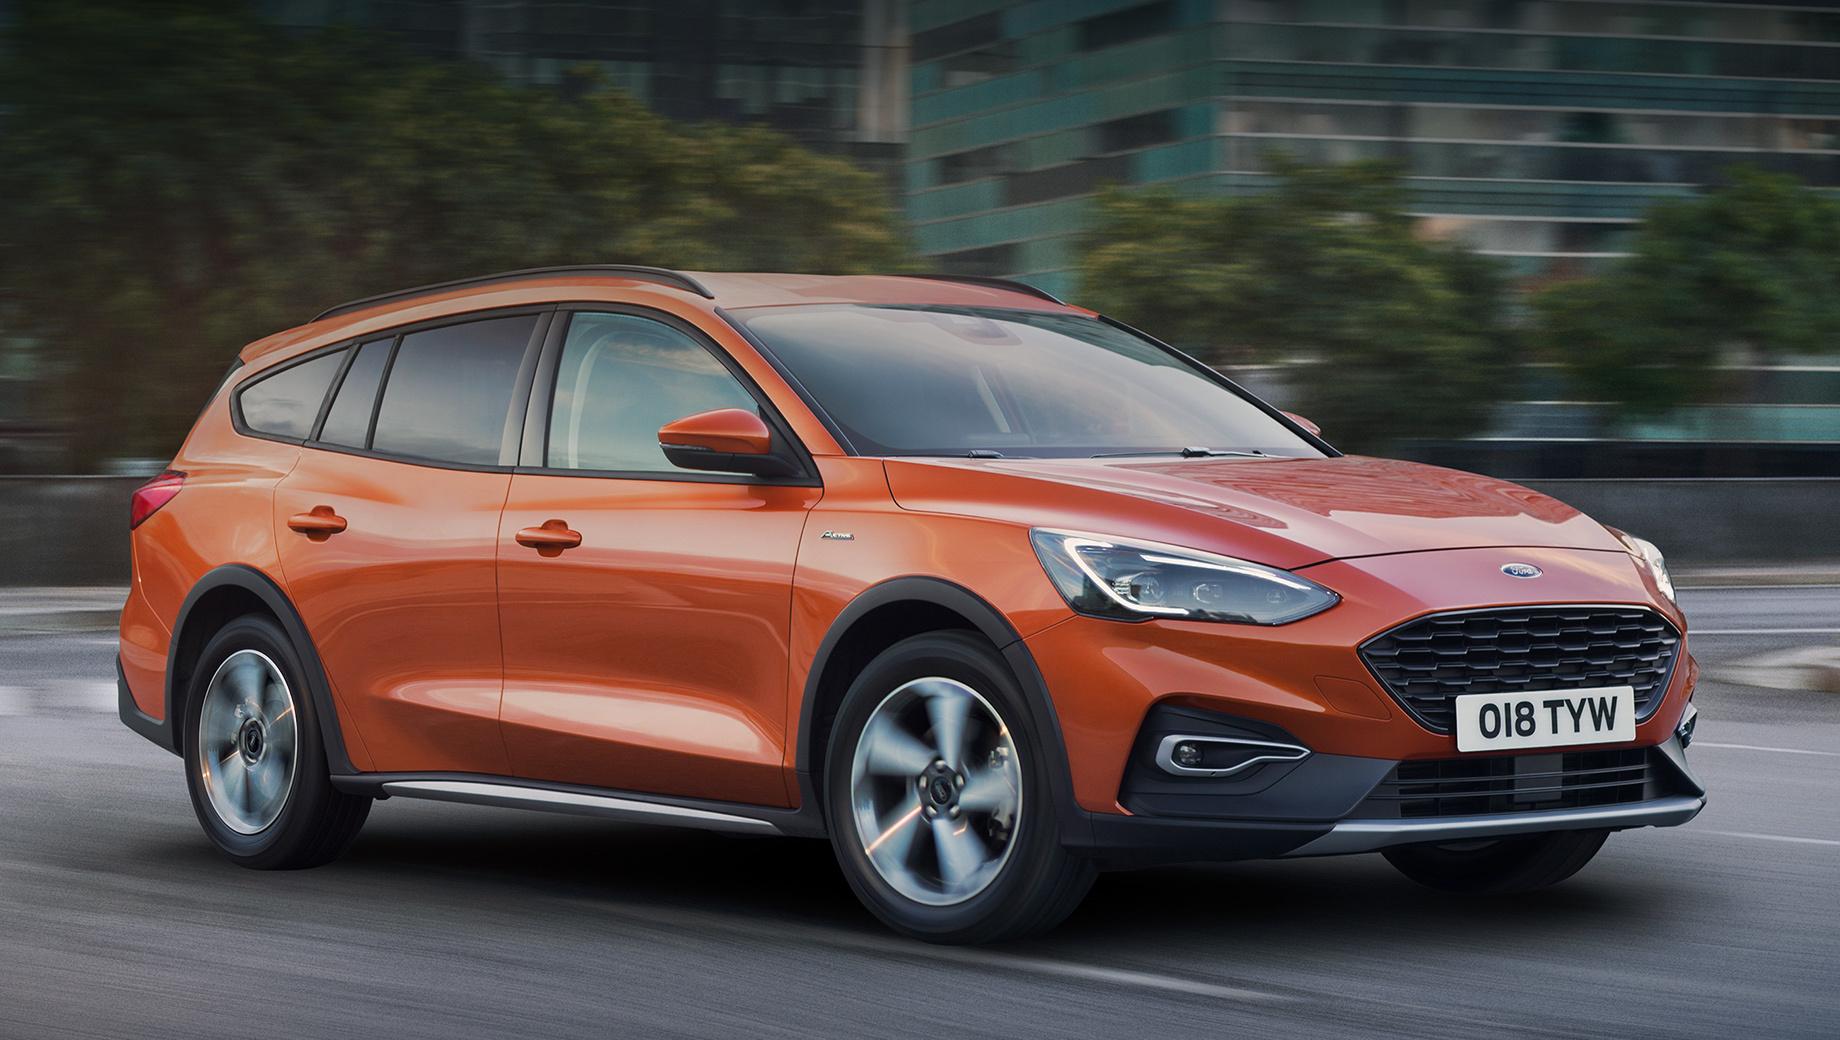 Ford focus,Ford focus active wagon. Китайский хэтч Focus Active внешне повторяет «активный» универсал для Европы (на фото). Причём «кроссоверность» не ушла в декор. У пятидверки тоже сзади многорычажная подвеска, а клиренс увеличен на 30 мм (до 150).